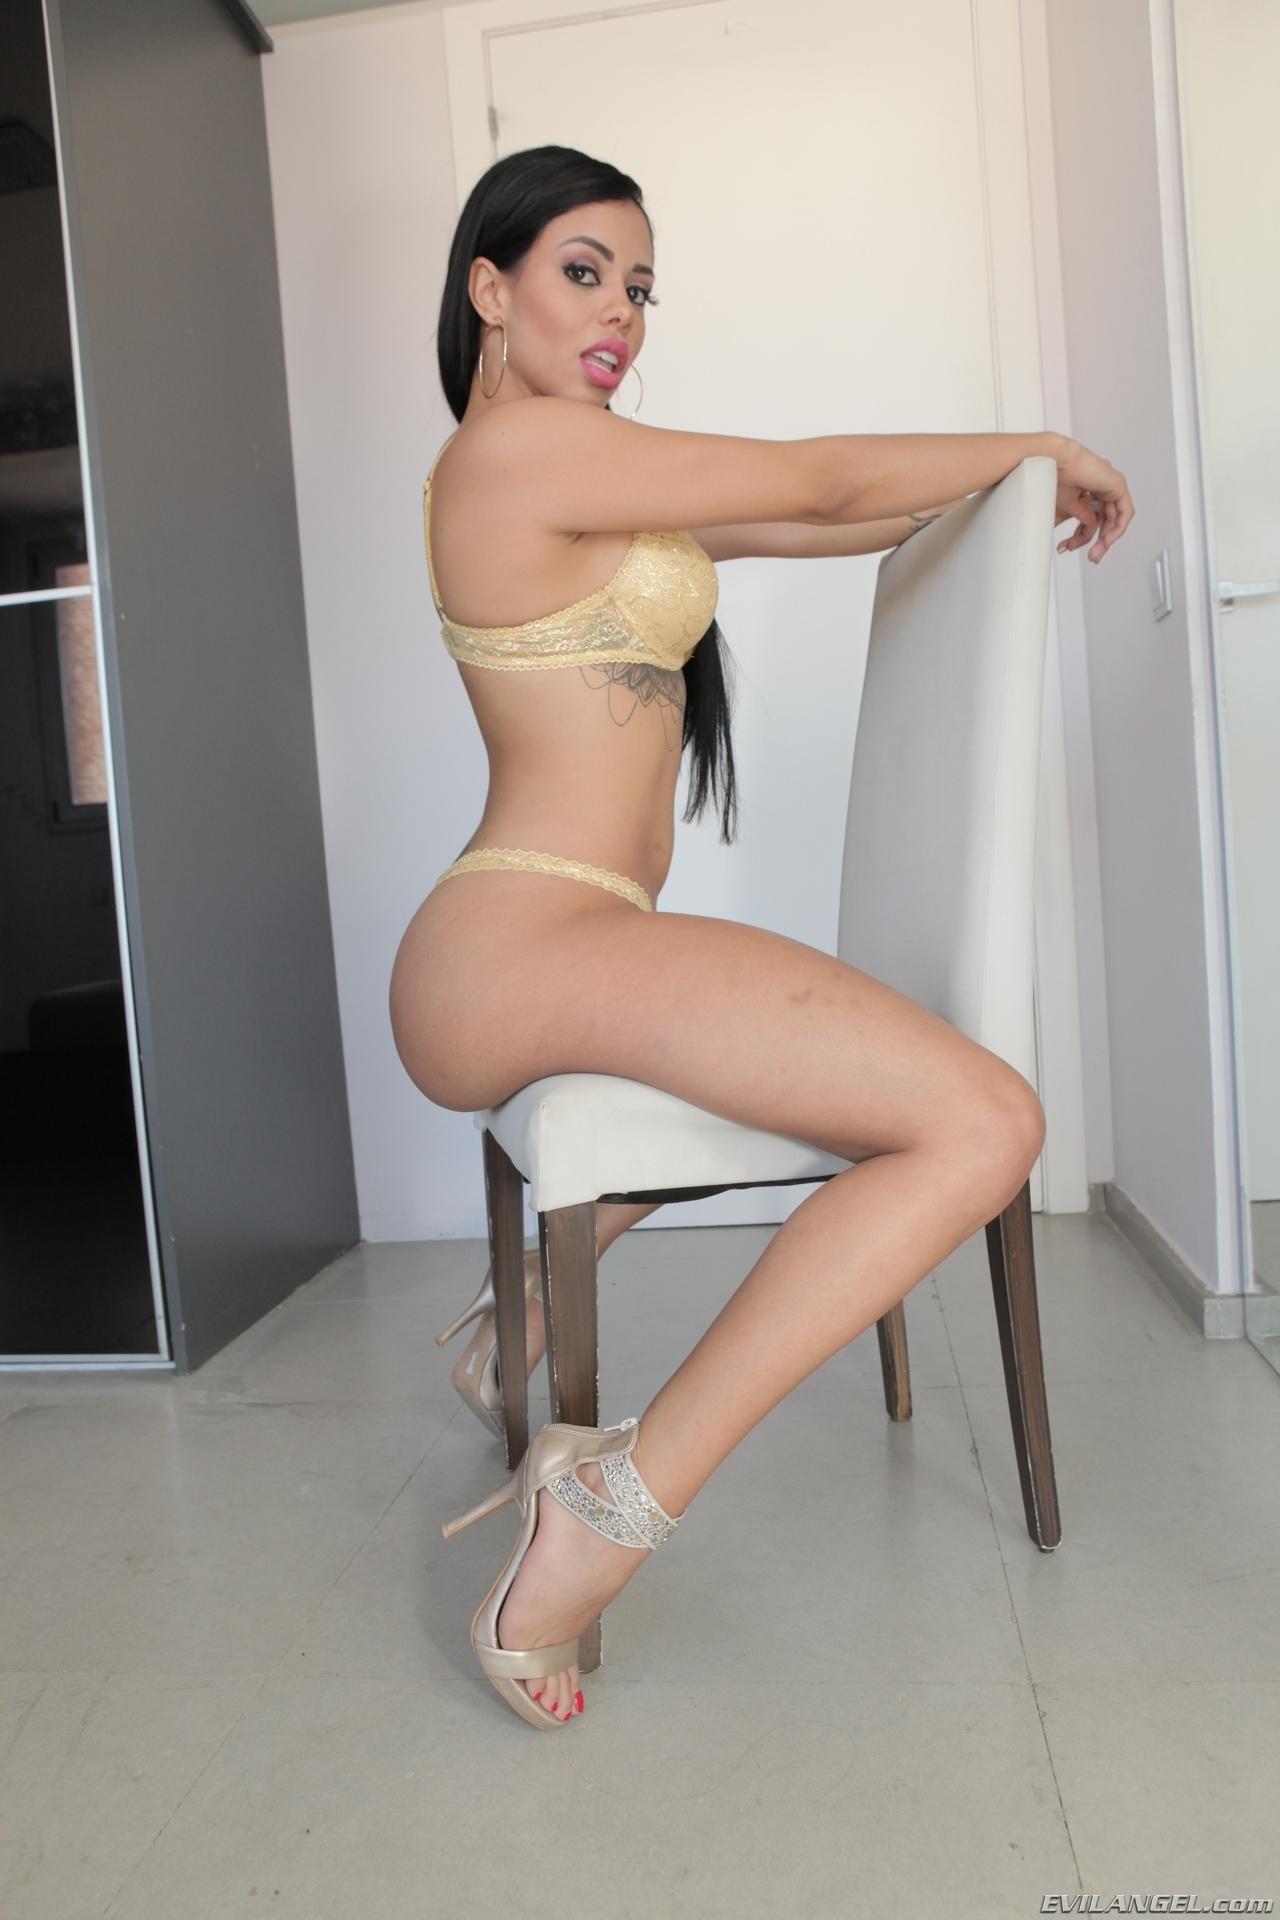 Aaliyah hadid abella danger and noemie bilas zebra girls 3